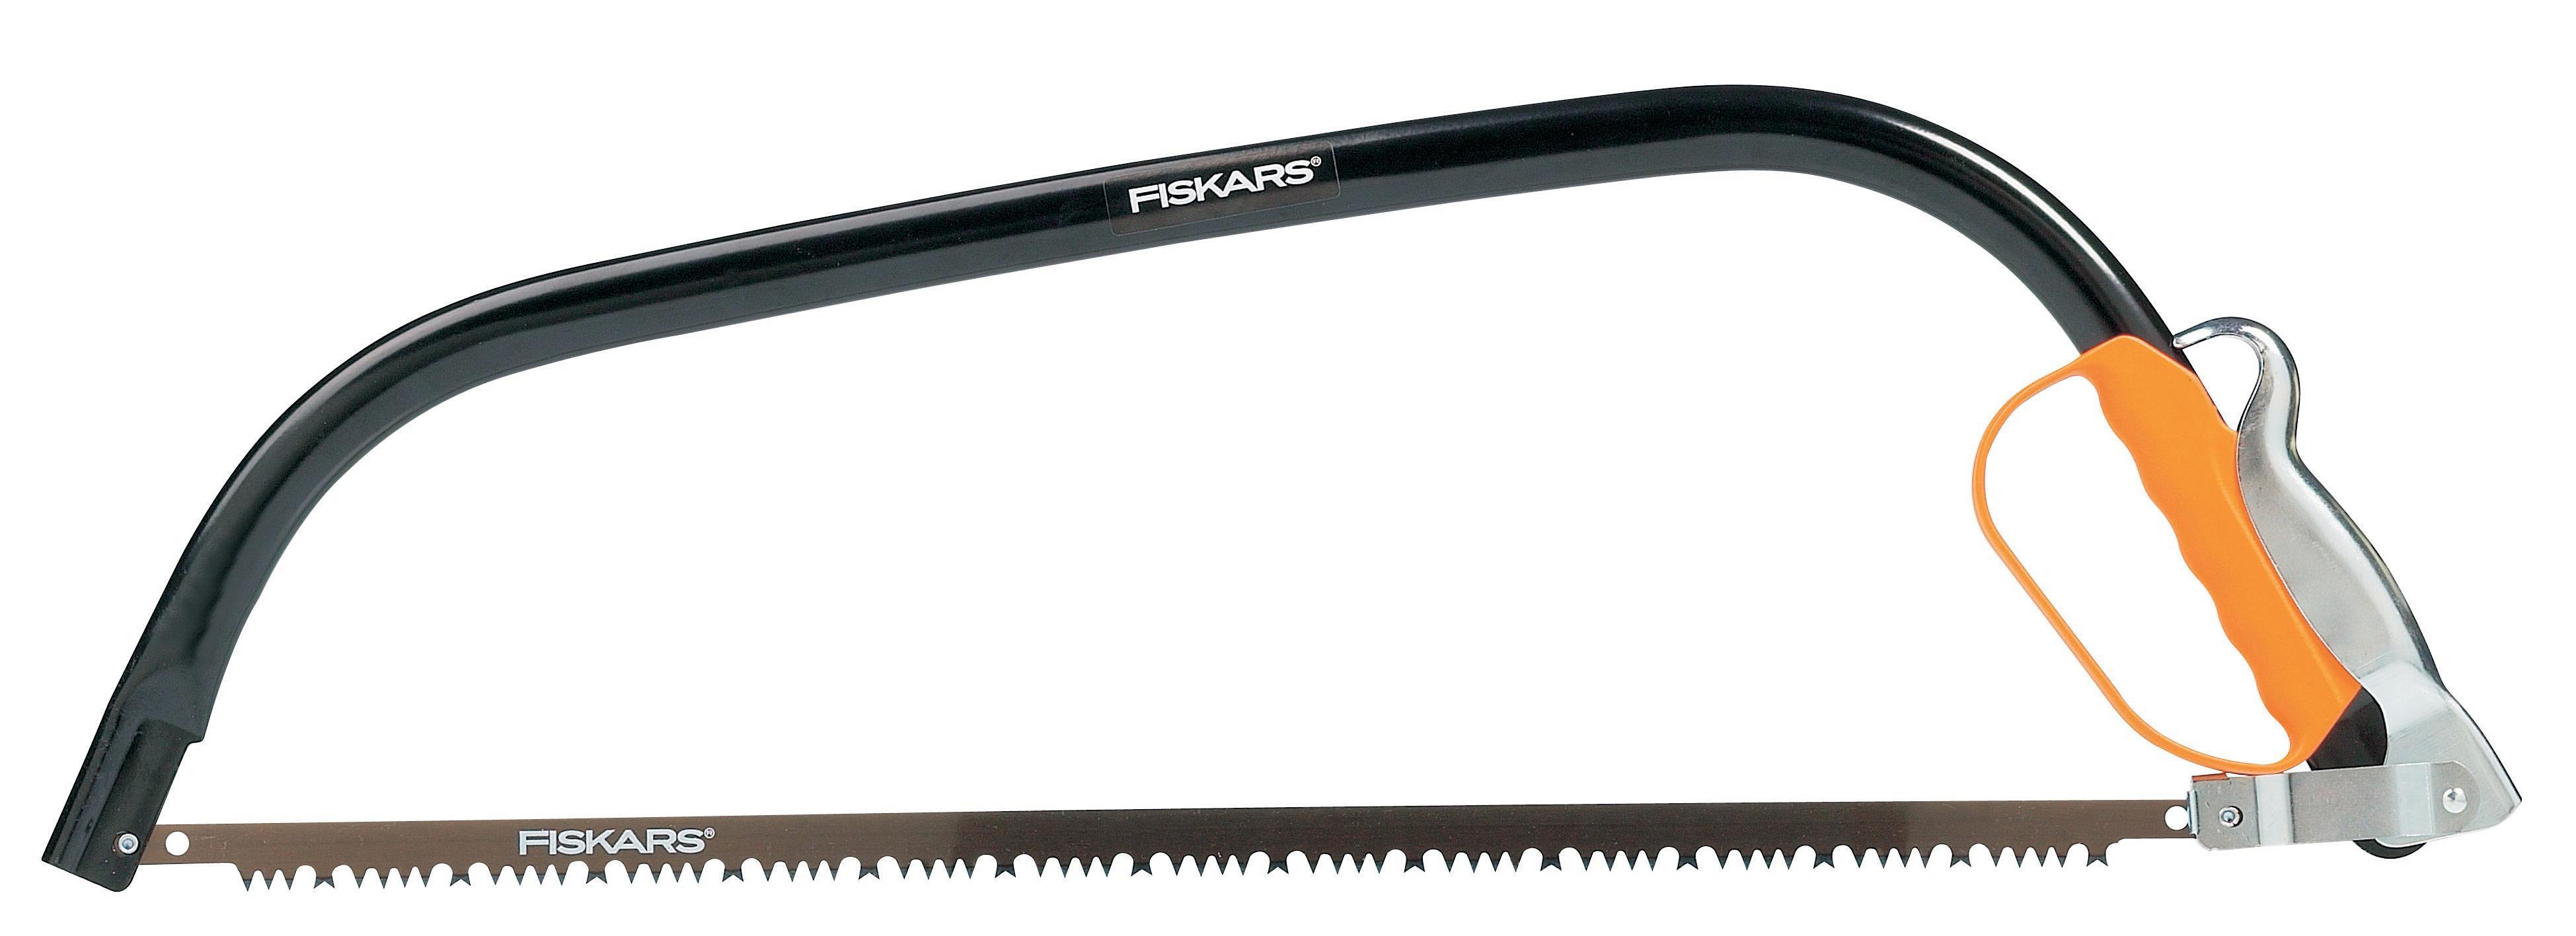 Пила лучковая Fiskars 124810 24'' лучковая пила лучковая grinda 1552 53 z01